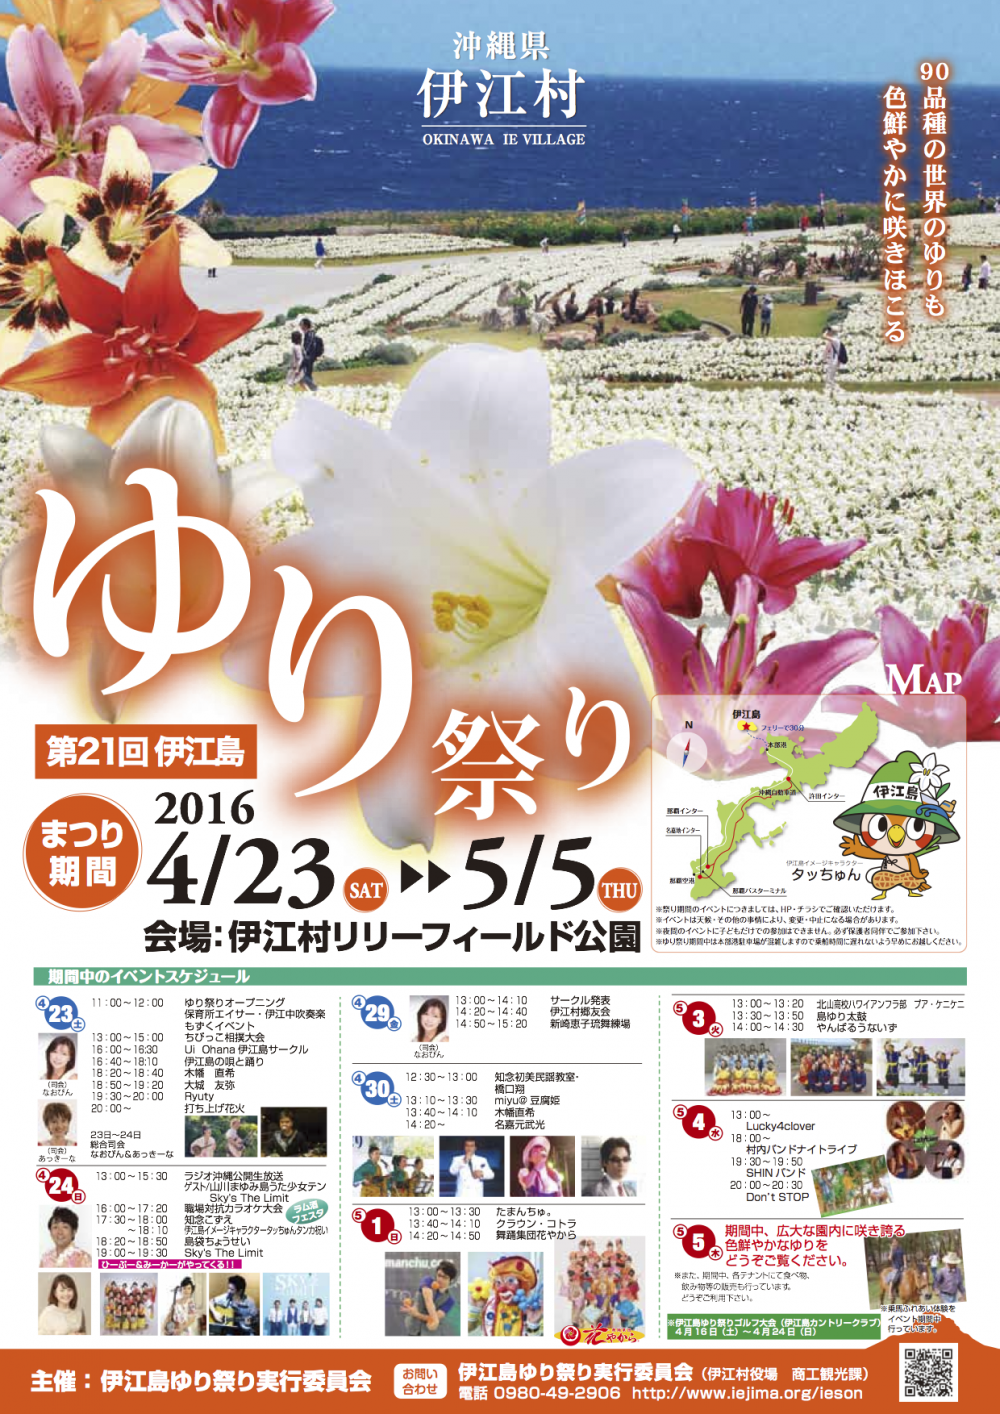 4/23 第21回/伊江島ゆり祭り